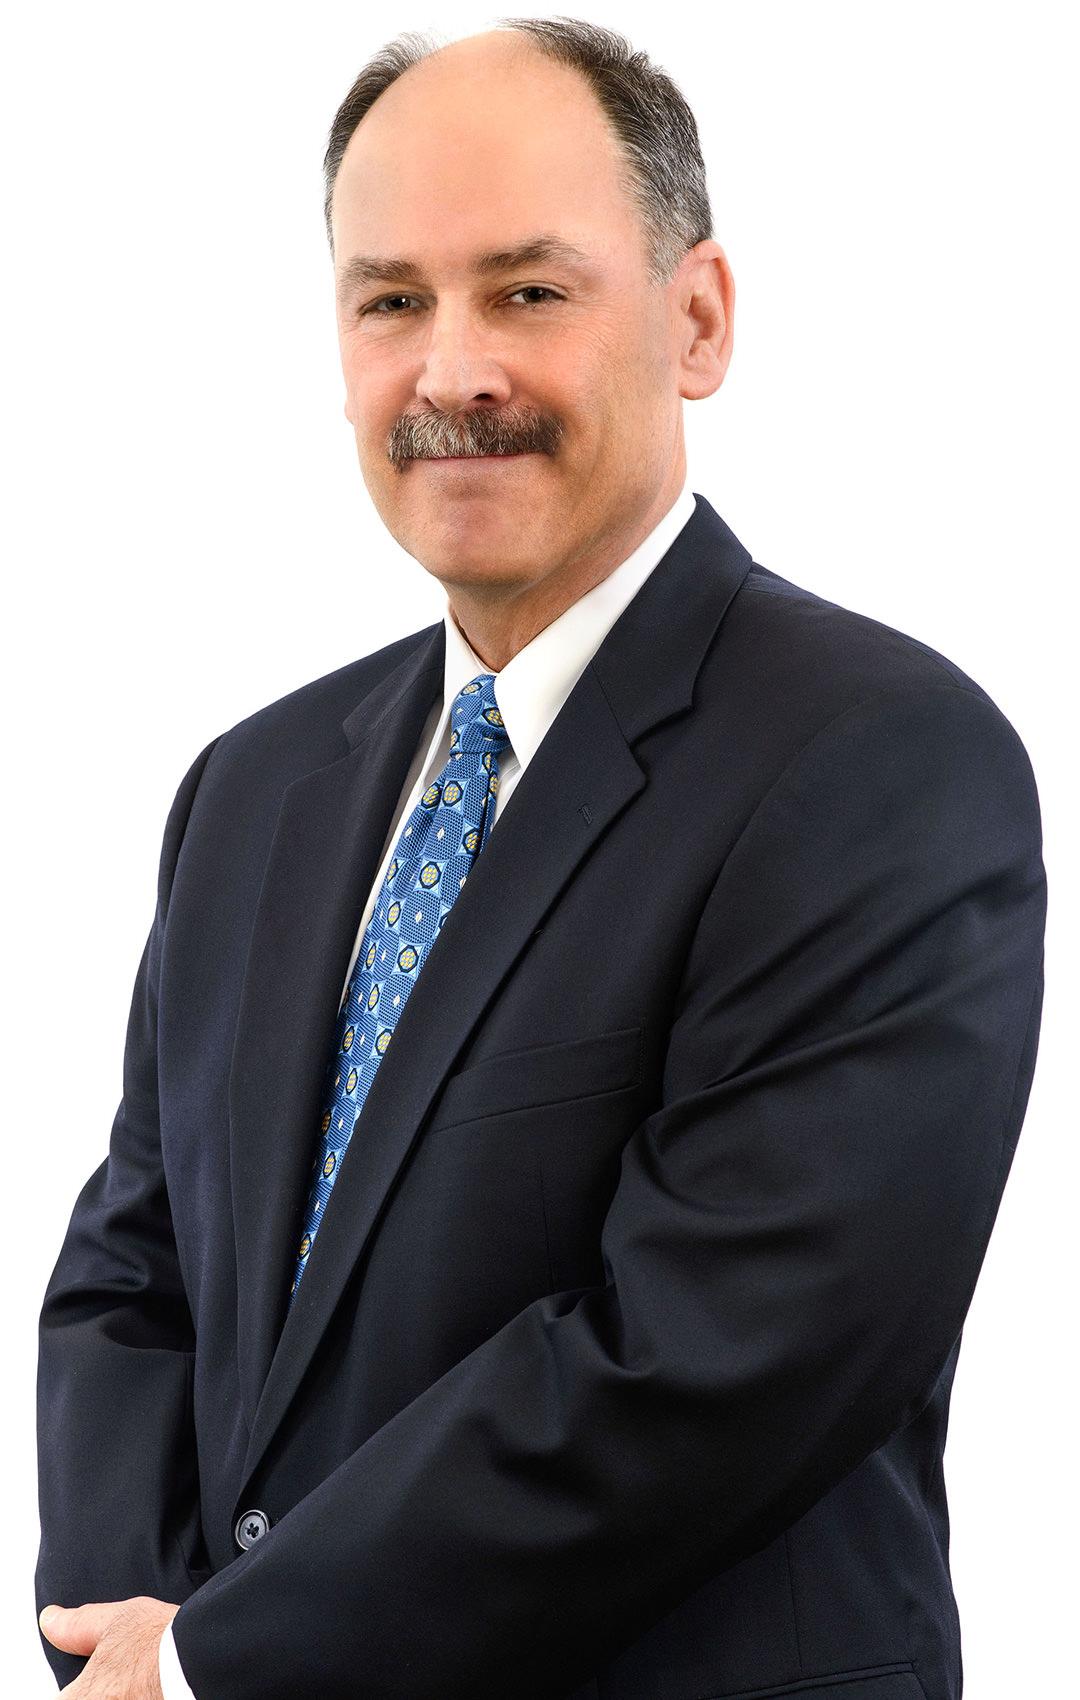 George W. Mykulak